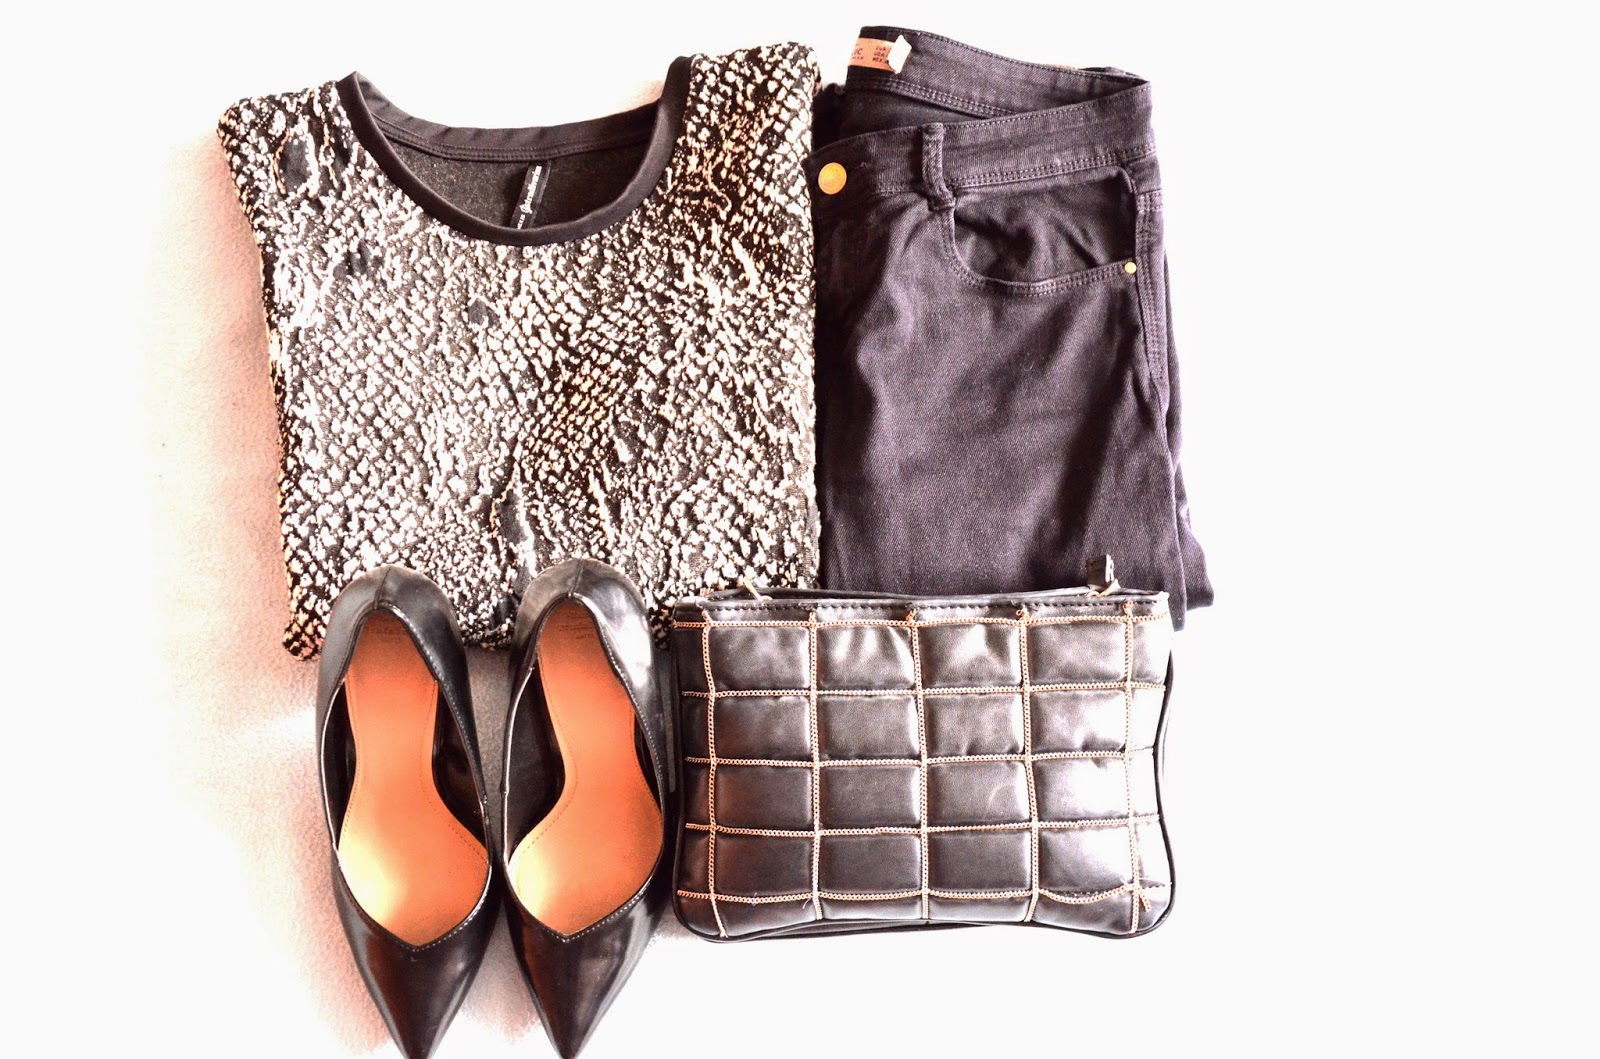 black outfit, czerń, klasyka ,szpilki, zara, lifelookangies, luźny outfit